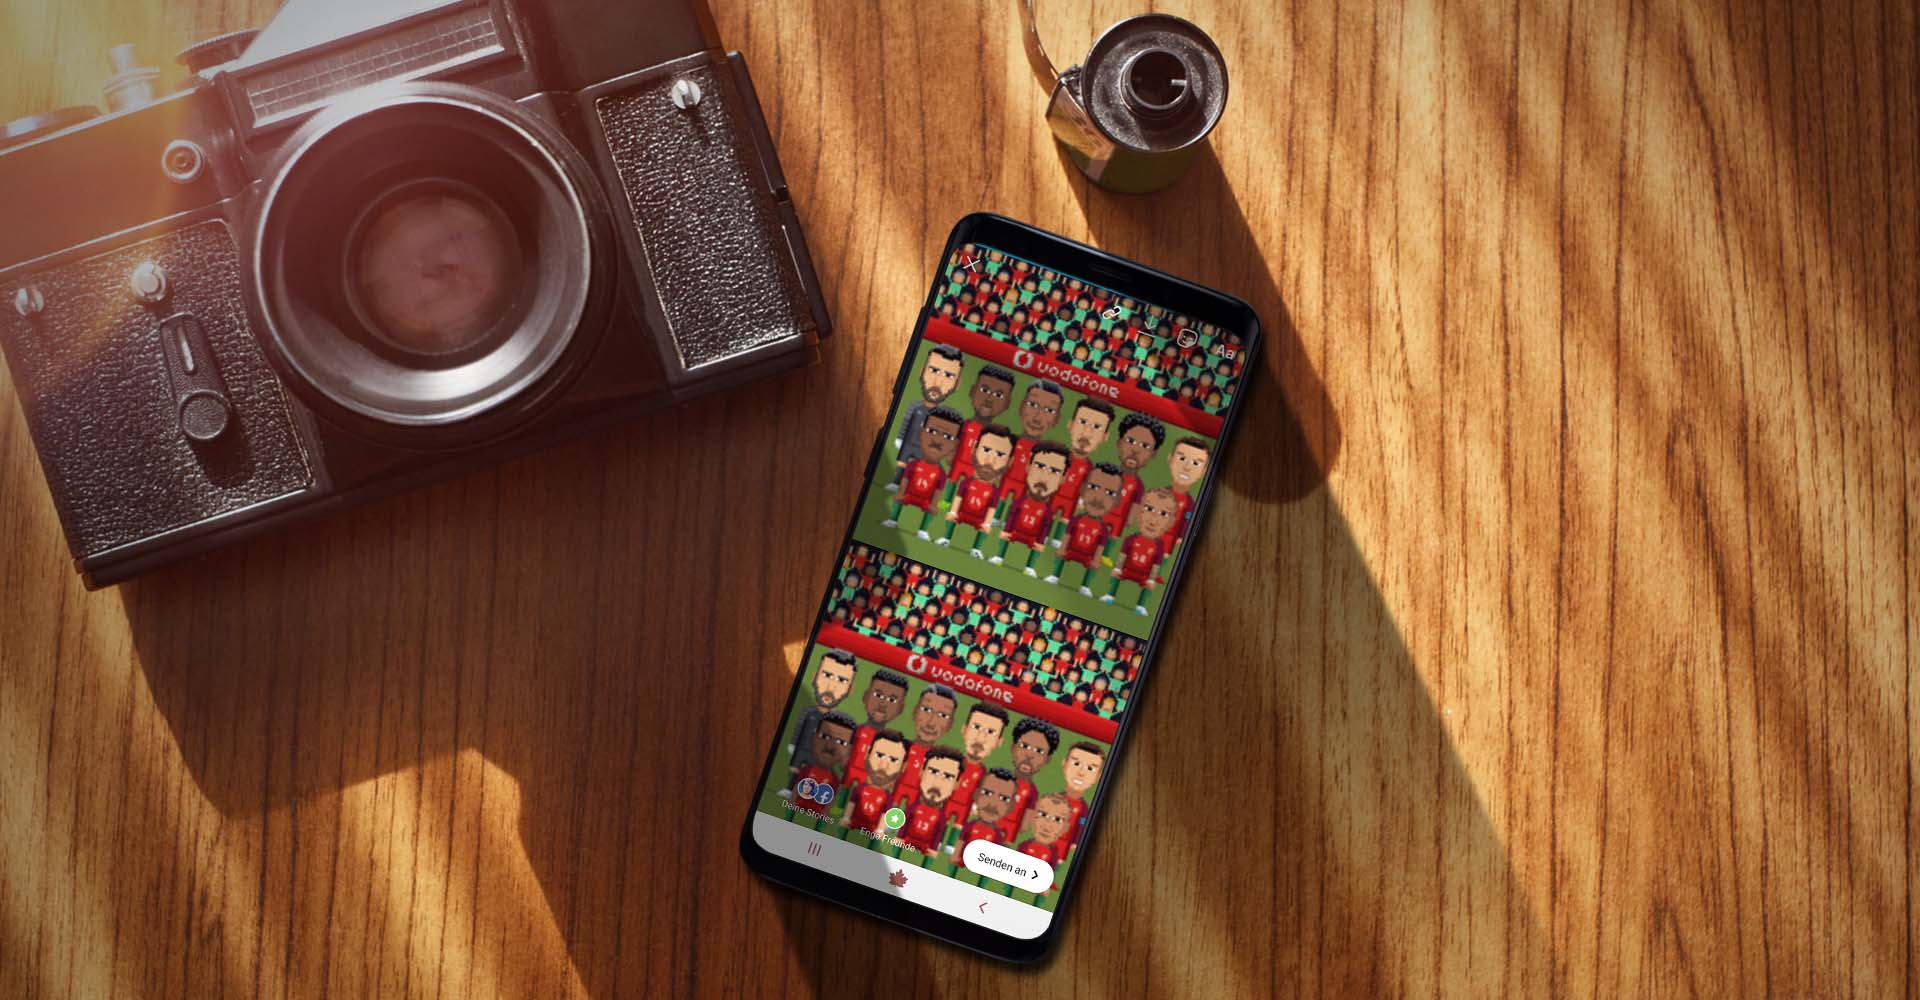 Am Samsung Galaxy S9+ für Instagram-Story ein GIF nutzen.